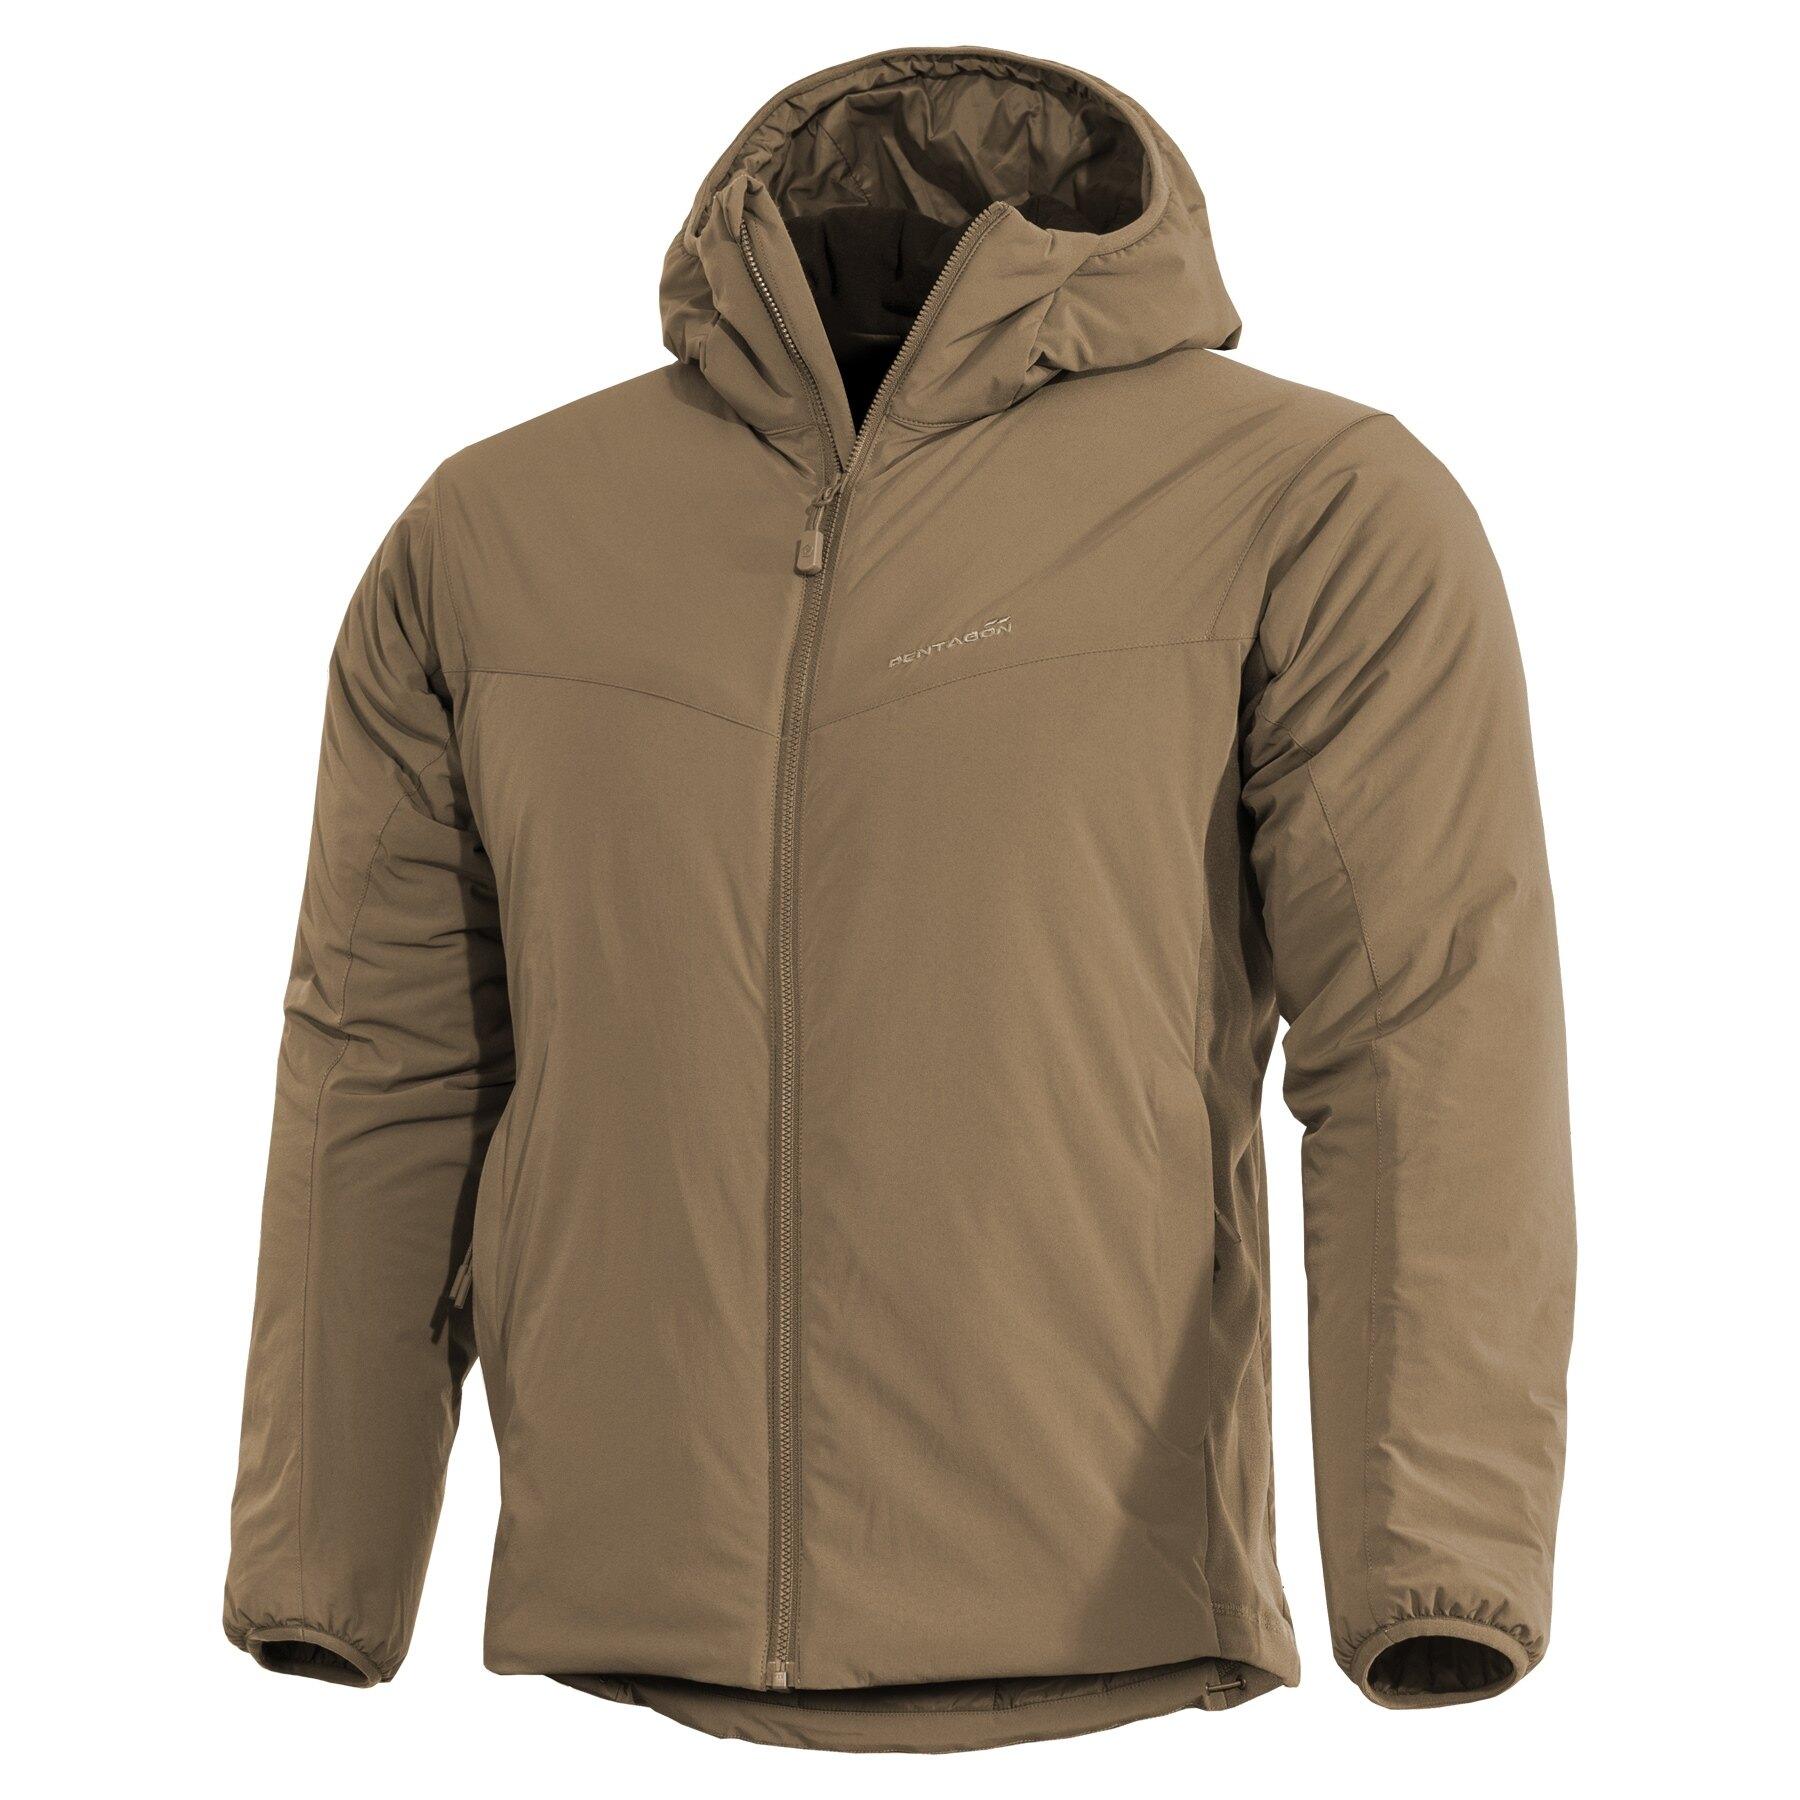 Ľahká zateplená bunda Panthiras Pentagon® – Coyote (Farba: Coyote, Veľkosť: M)